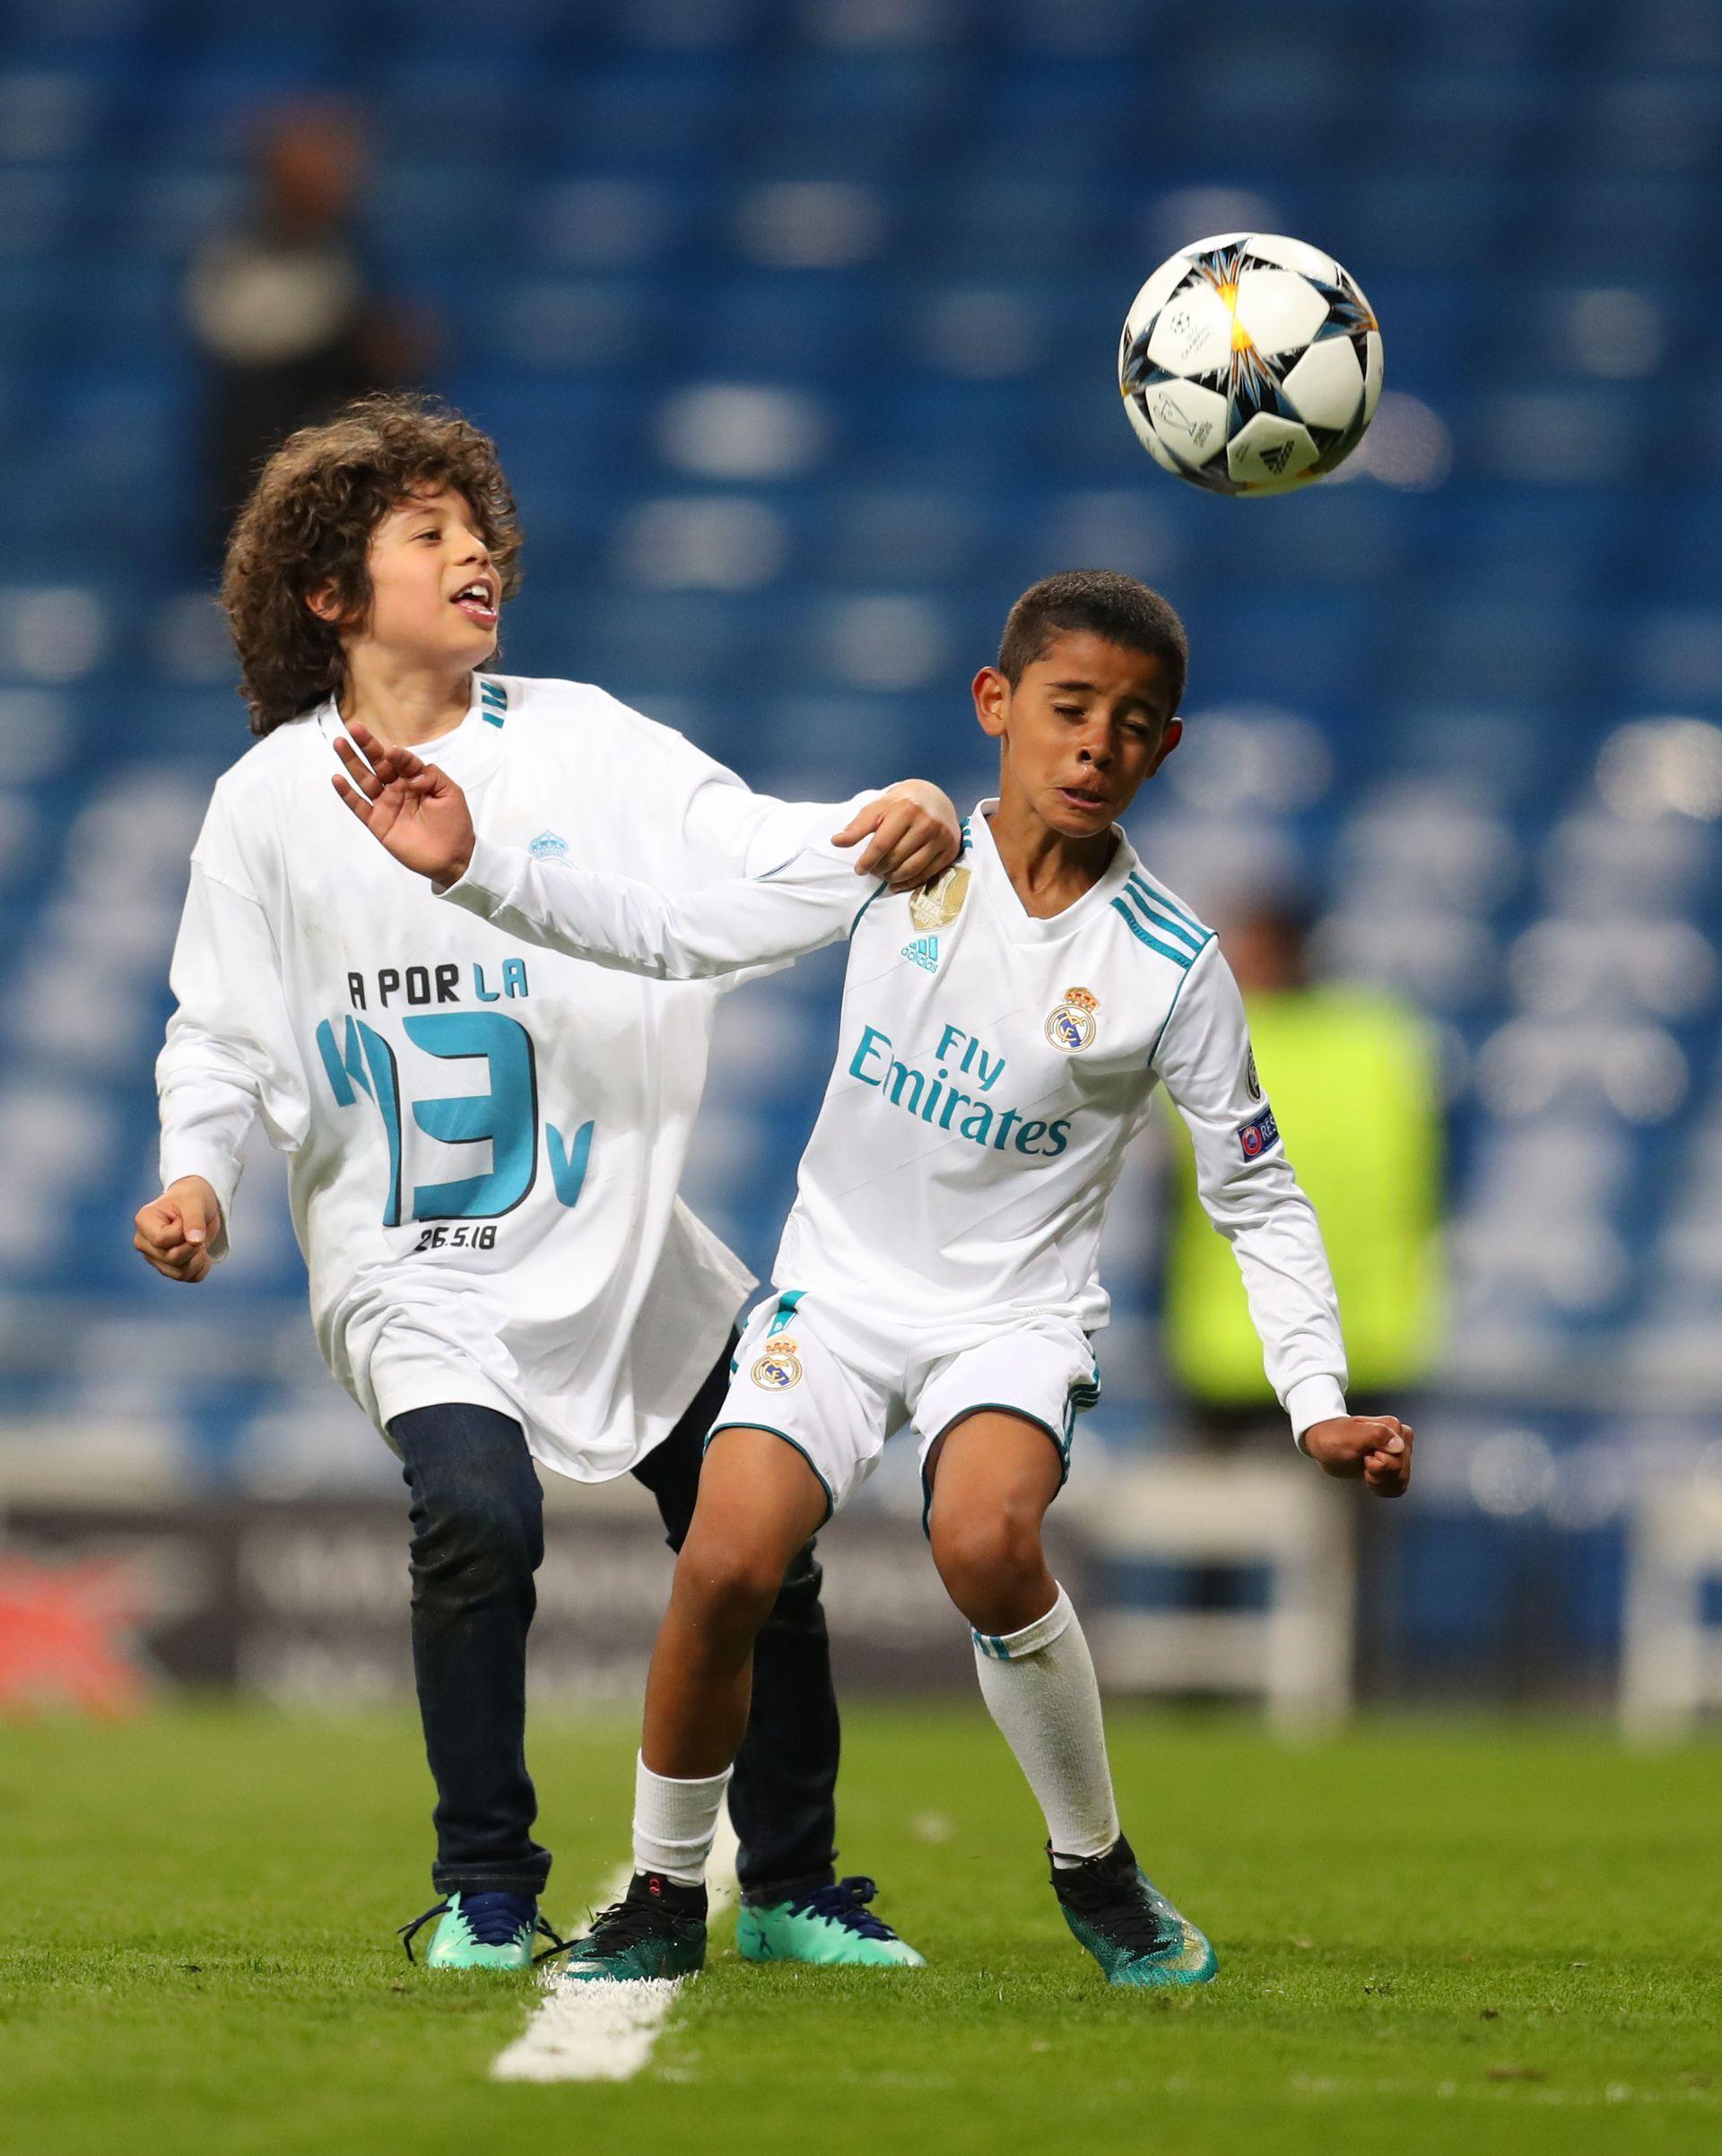 """Синовете на Марсело - Енцо Гатузо Алвеш (вляво) и Кристиано Роналдо - Кристиано-младши, играят на терена на """"Сантяго Бернабеу"""" след големия мач. Снимка: Getty Images"""